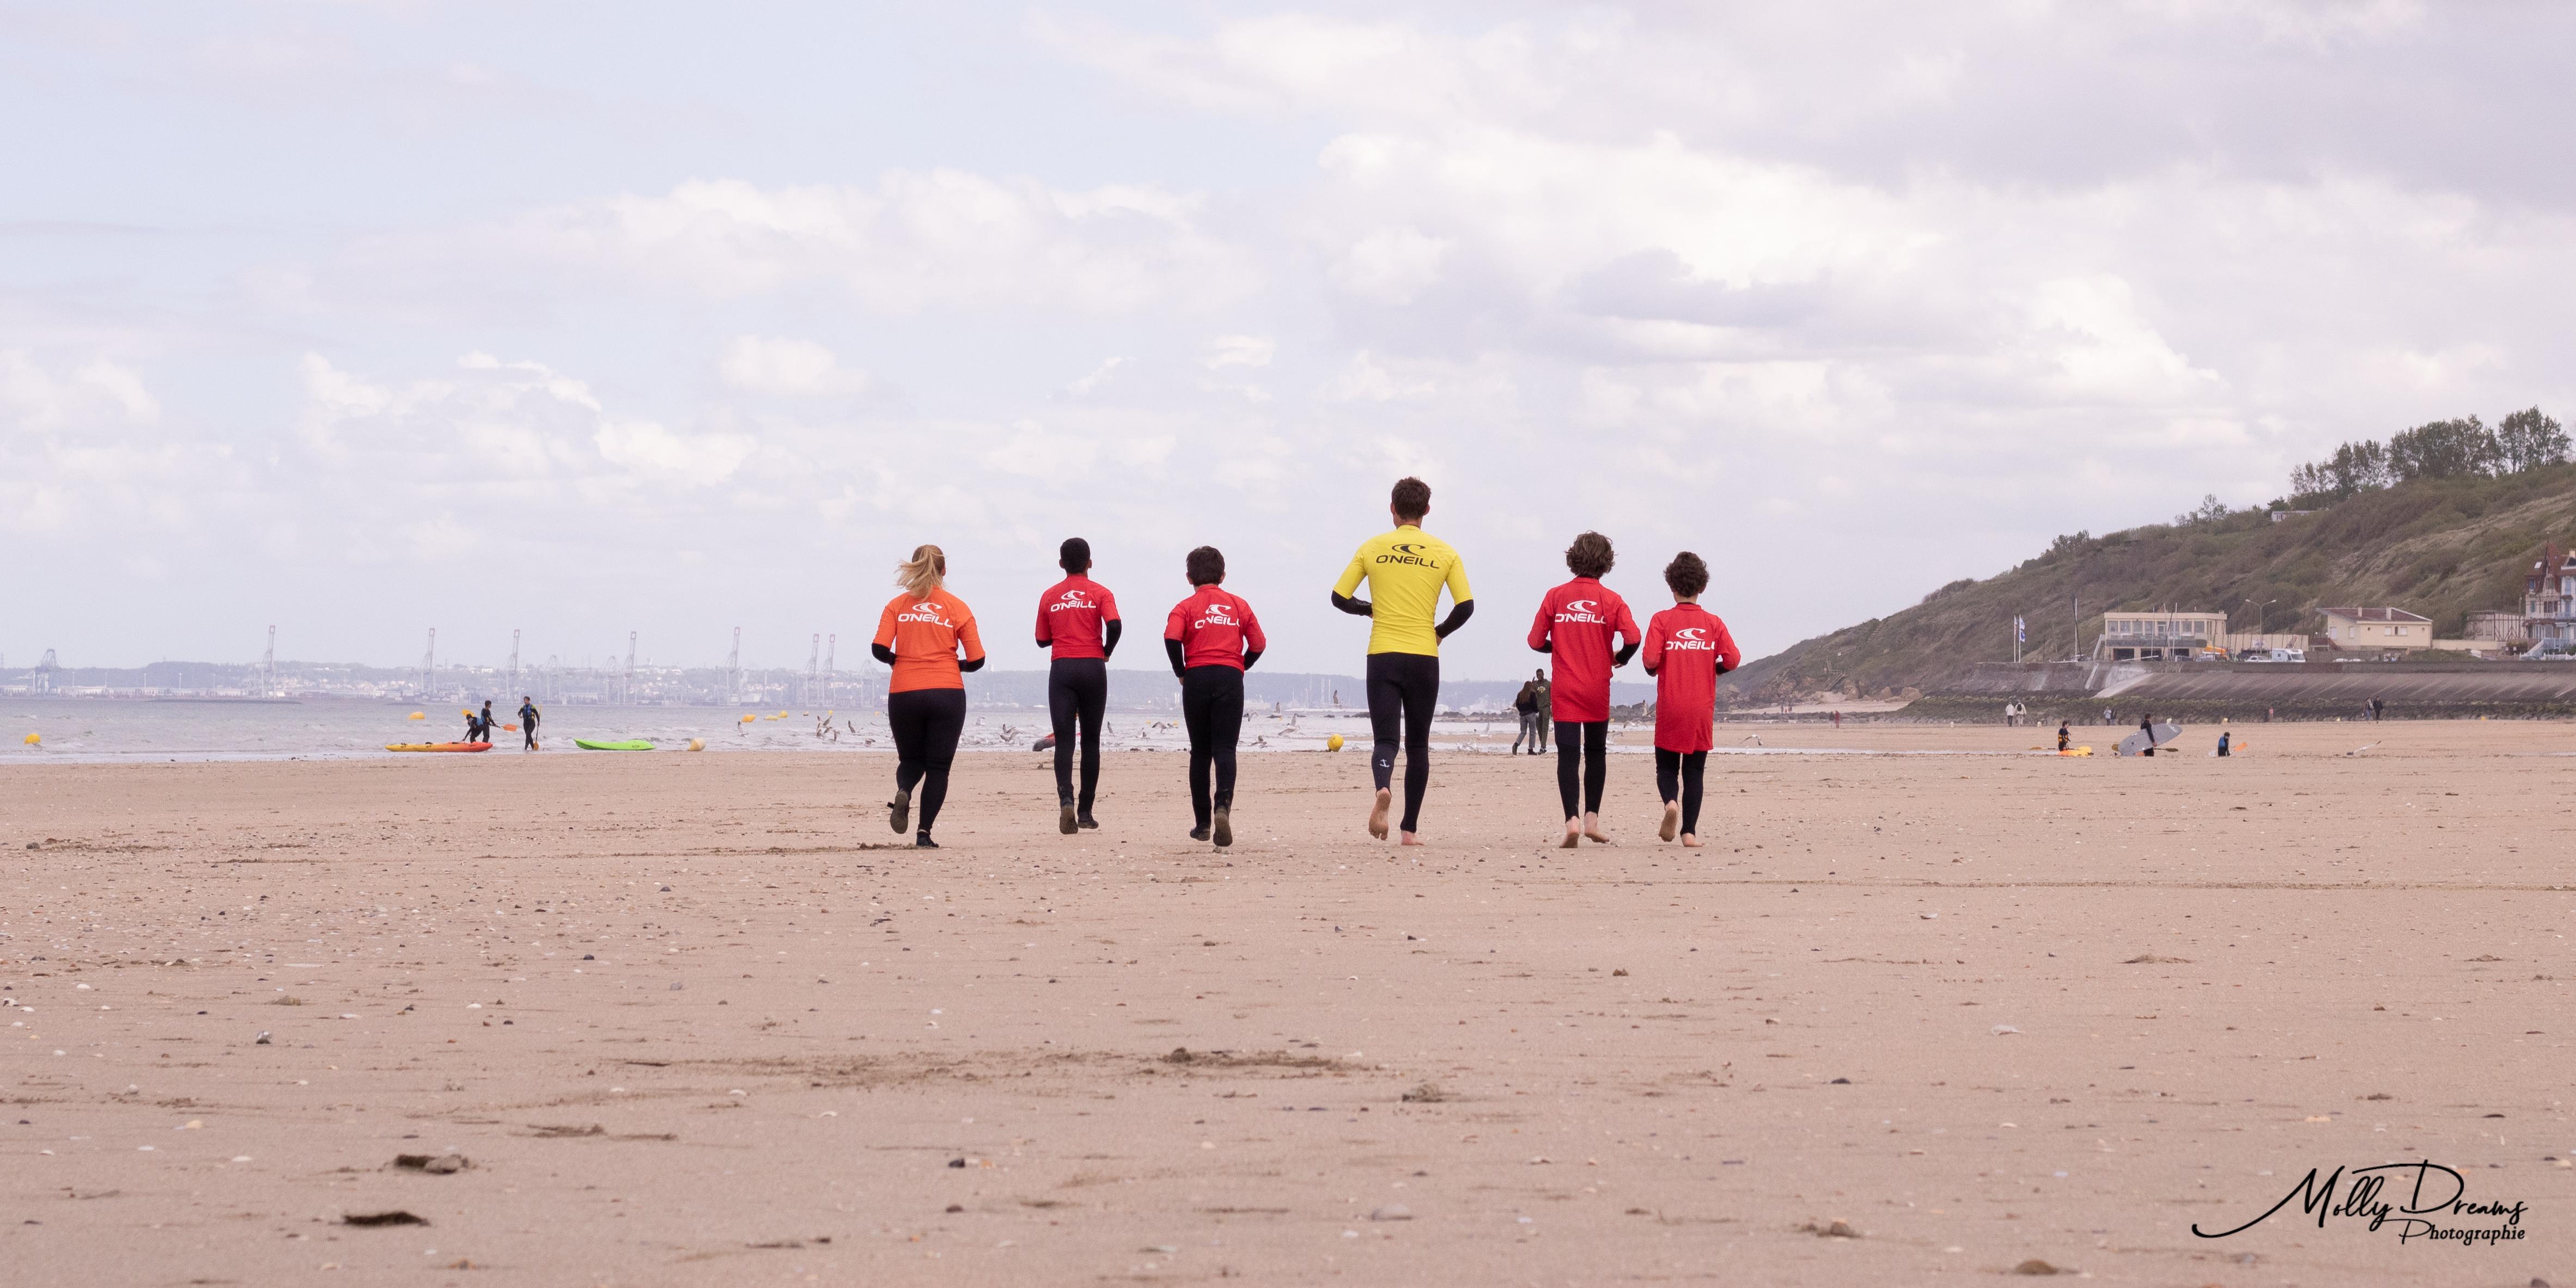 photos Surf trouville sur mer deauville calavados 14 normandie villers sur mer Molly deams